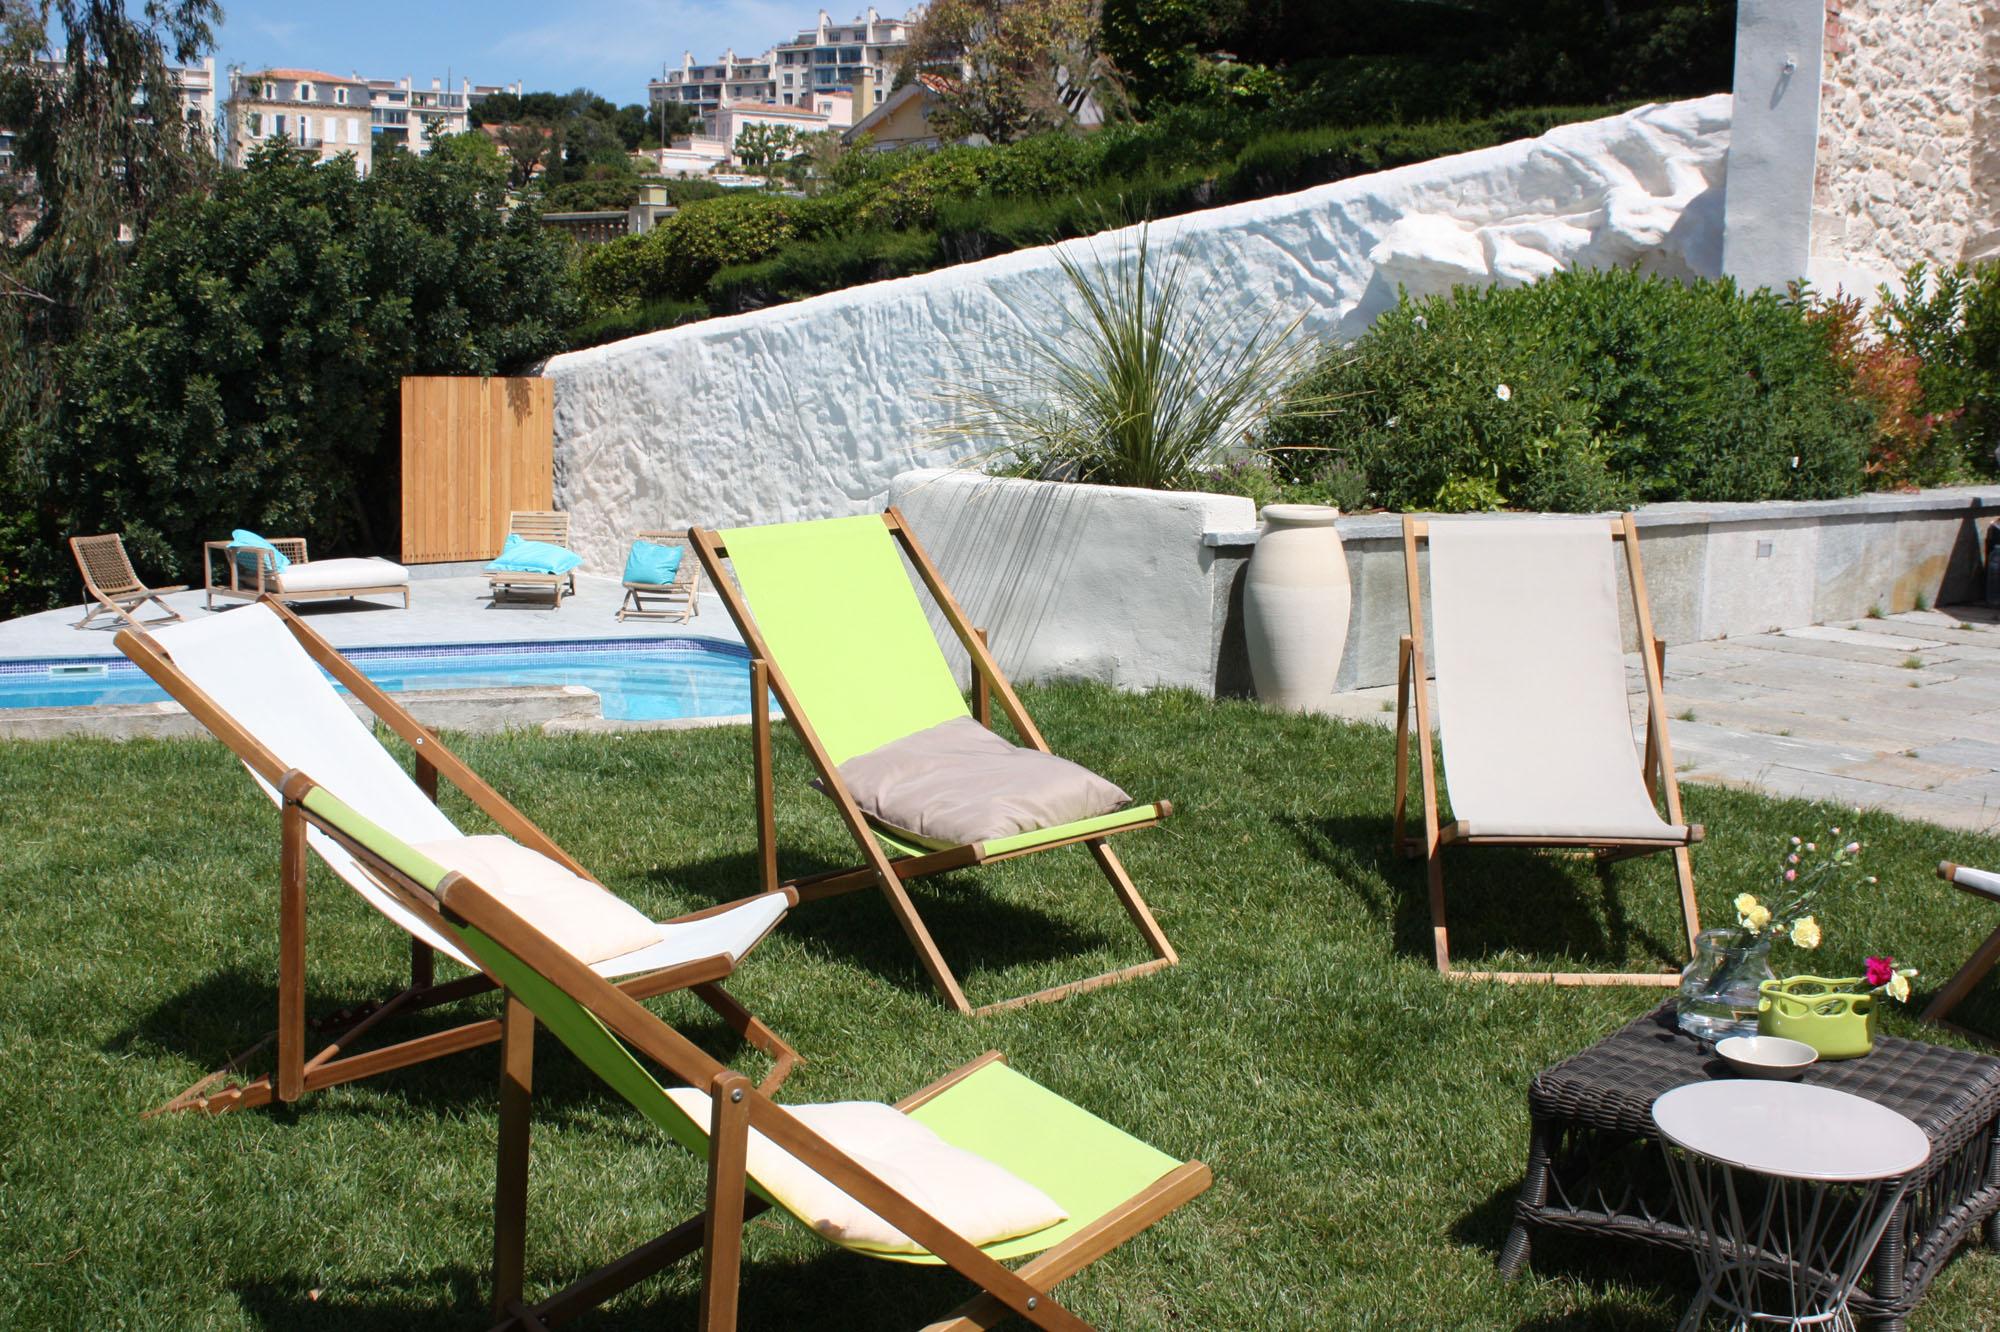 location de chiliennes chaises longues marseille 13 aix en provence. Black Bedroom Furniture Sets. Home Design Ideas